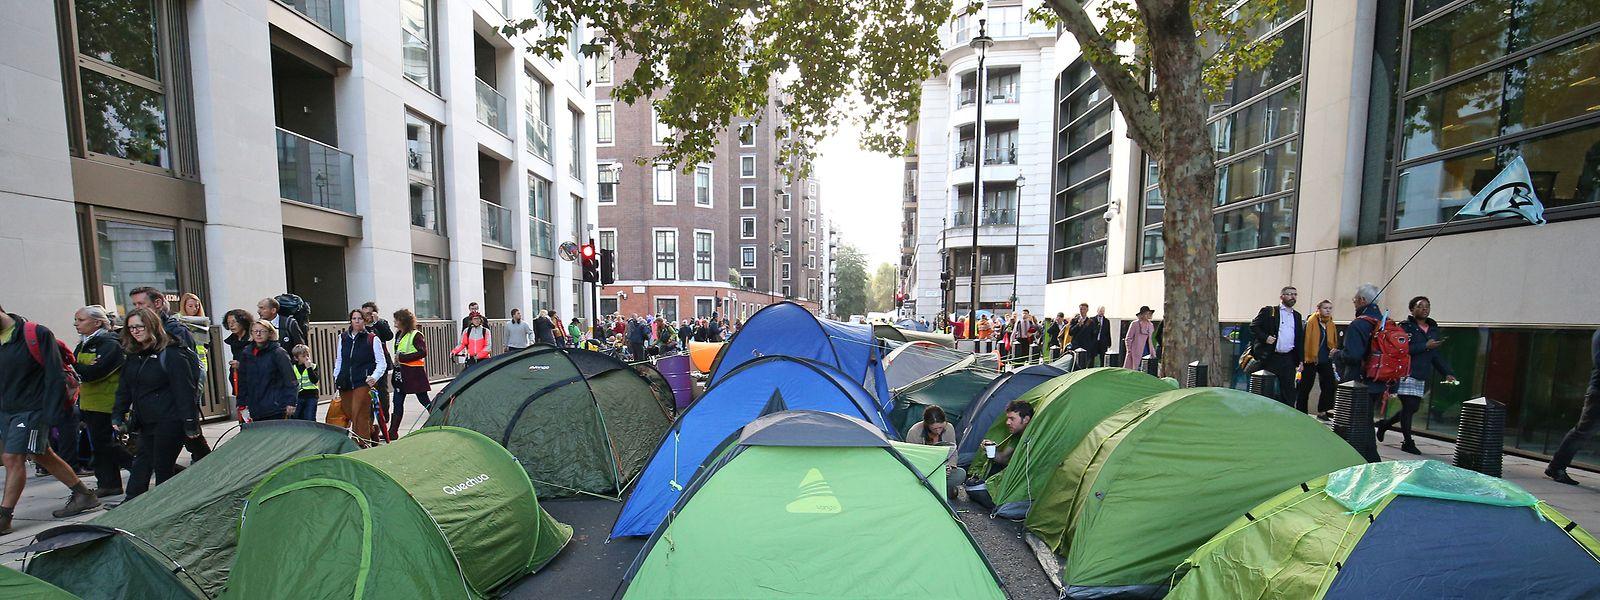 """Aktivisten der Klimabewegung """"Extinction Rebellion"""" haben Zelte auf der Horseferry Road aufgestellt und blockieren so die Straße."""